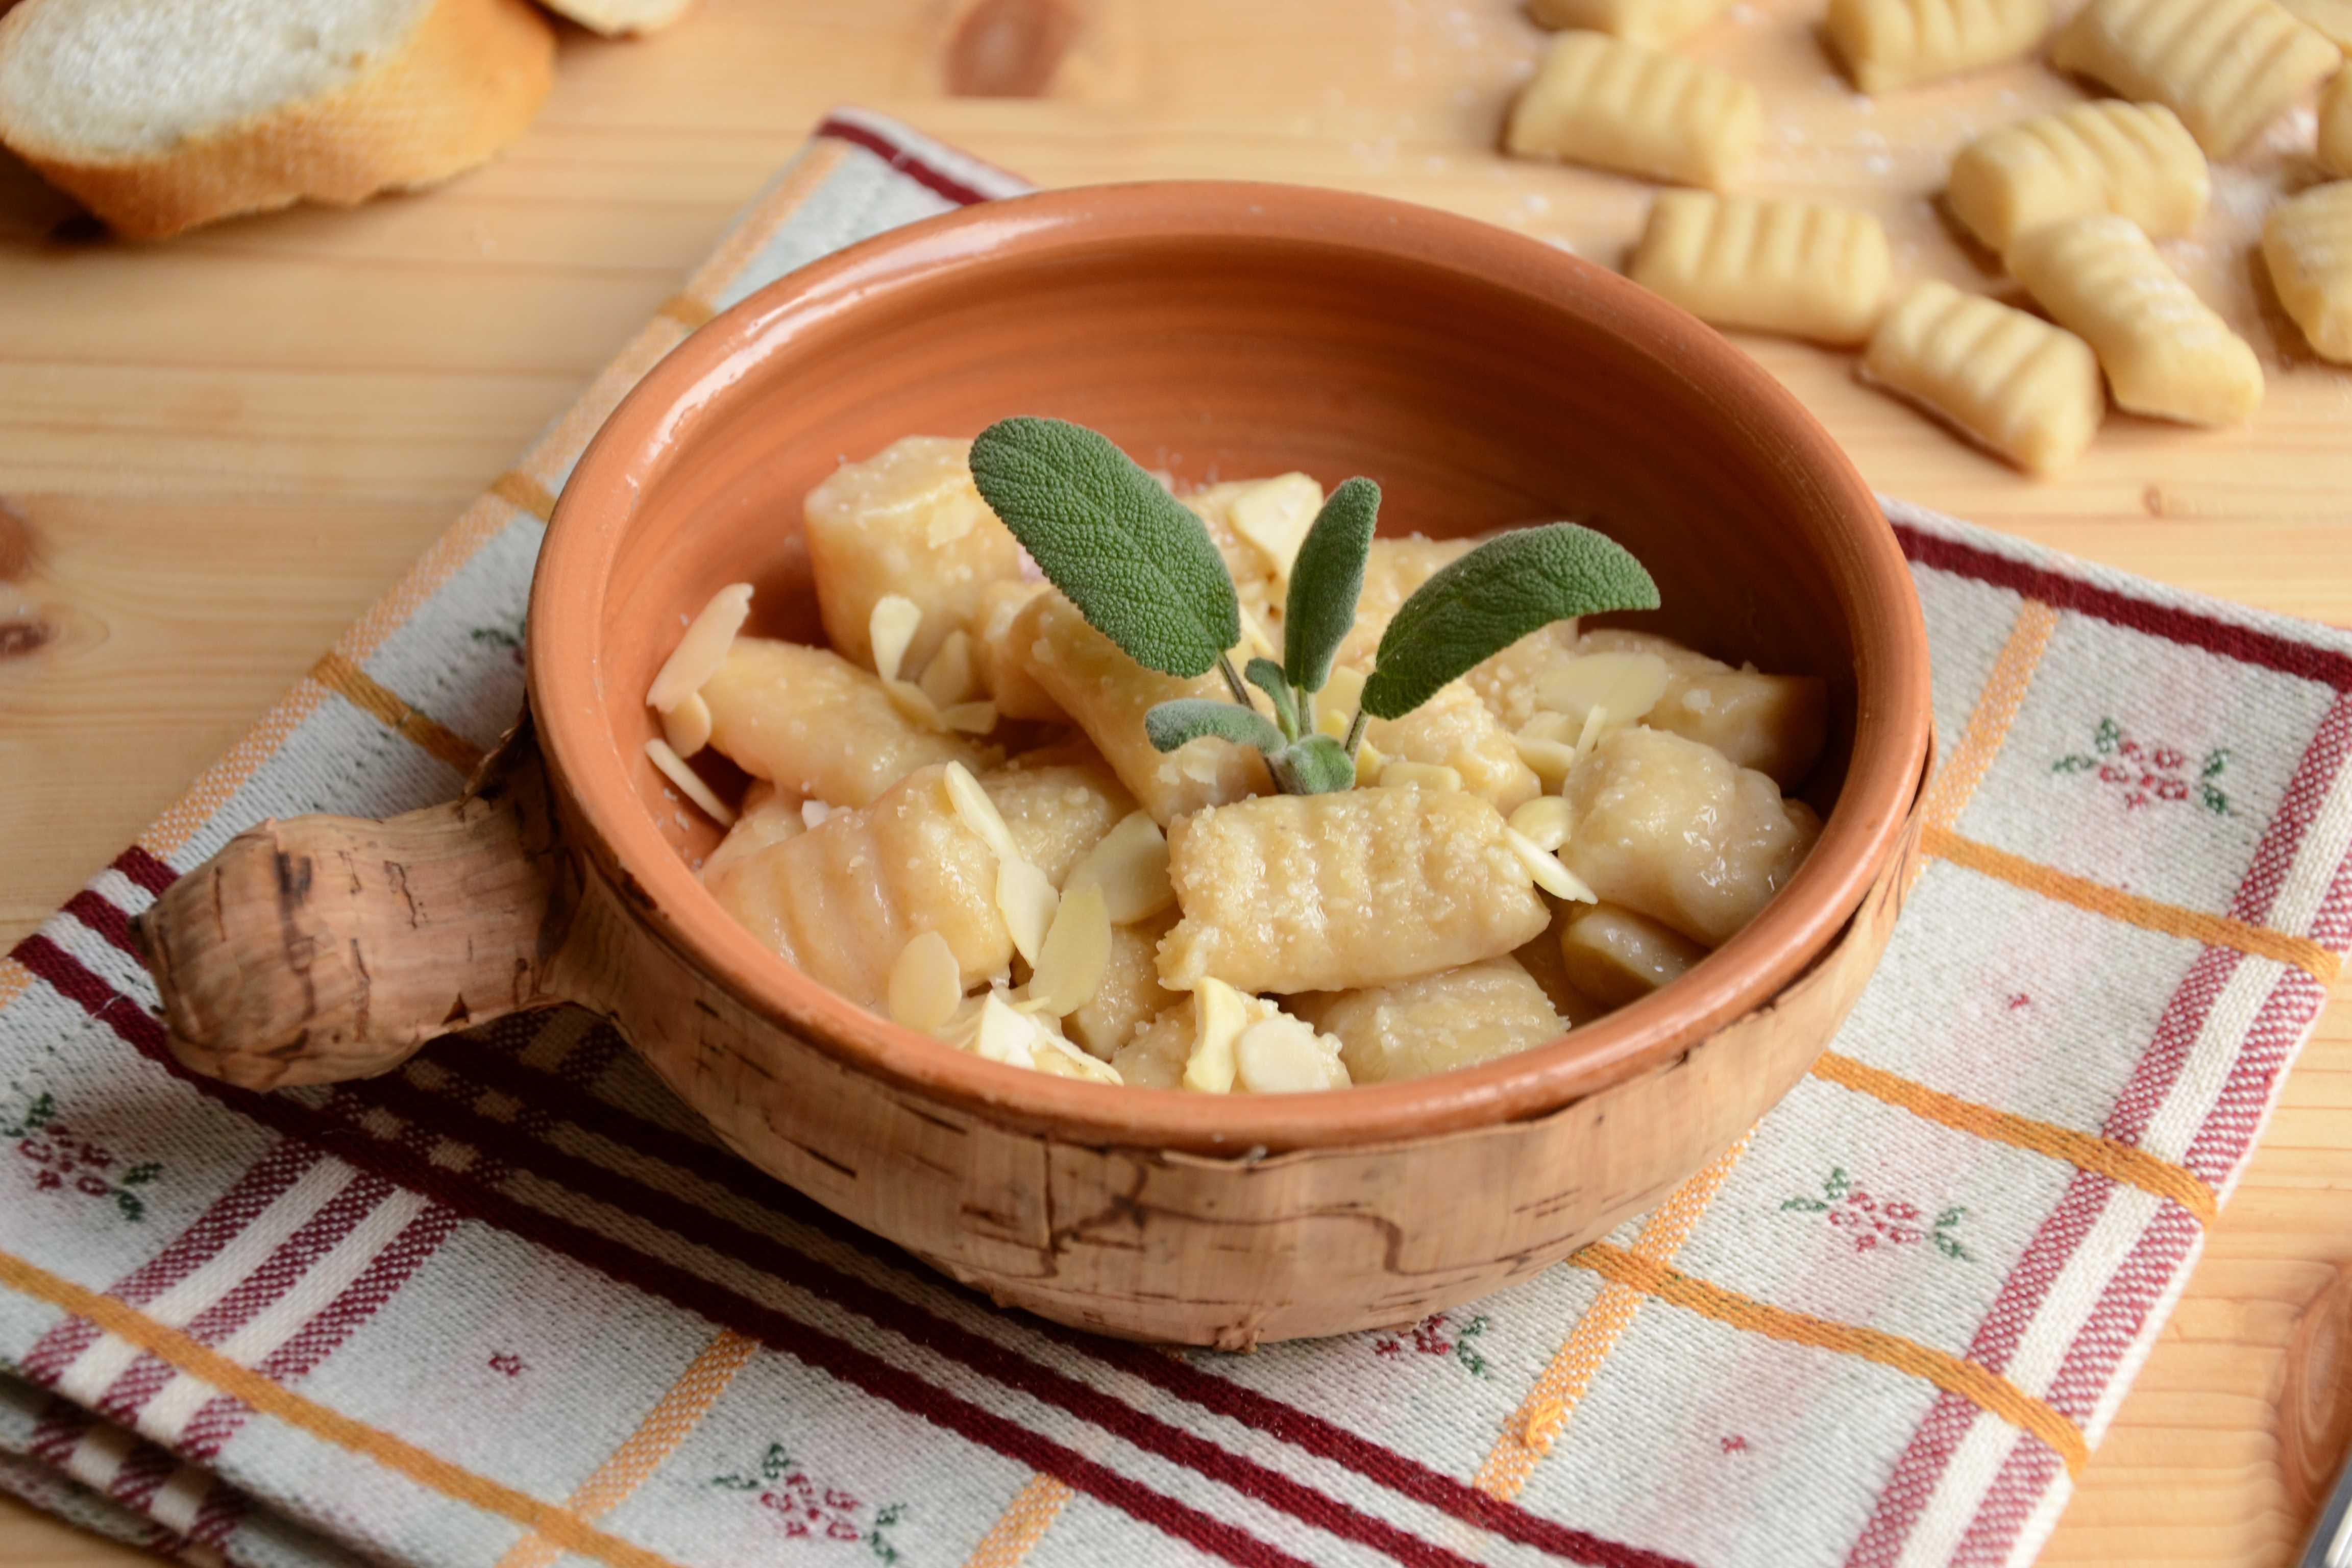 Ricetta Gnocchi Di Pane Bimby.Ricette Gnocchi Di Pane In Bianco Al Bimby Agrodolce